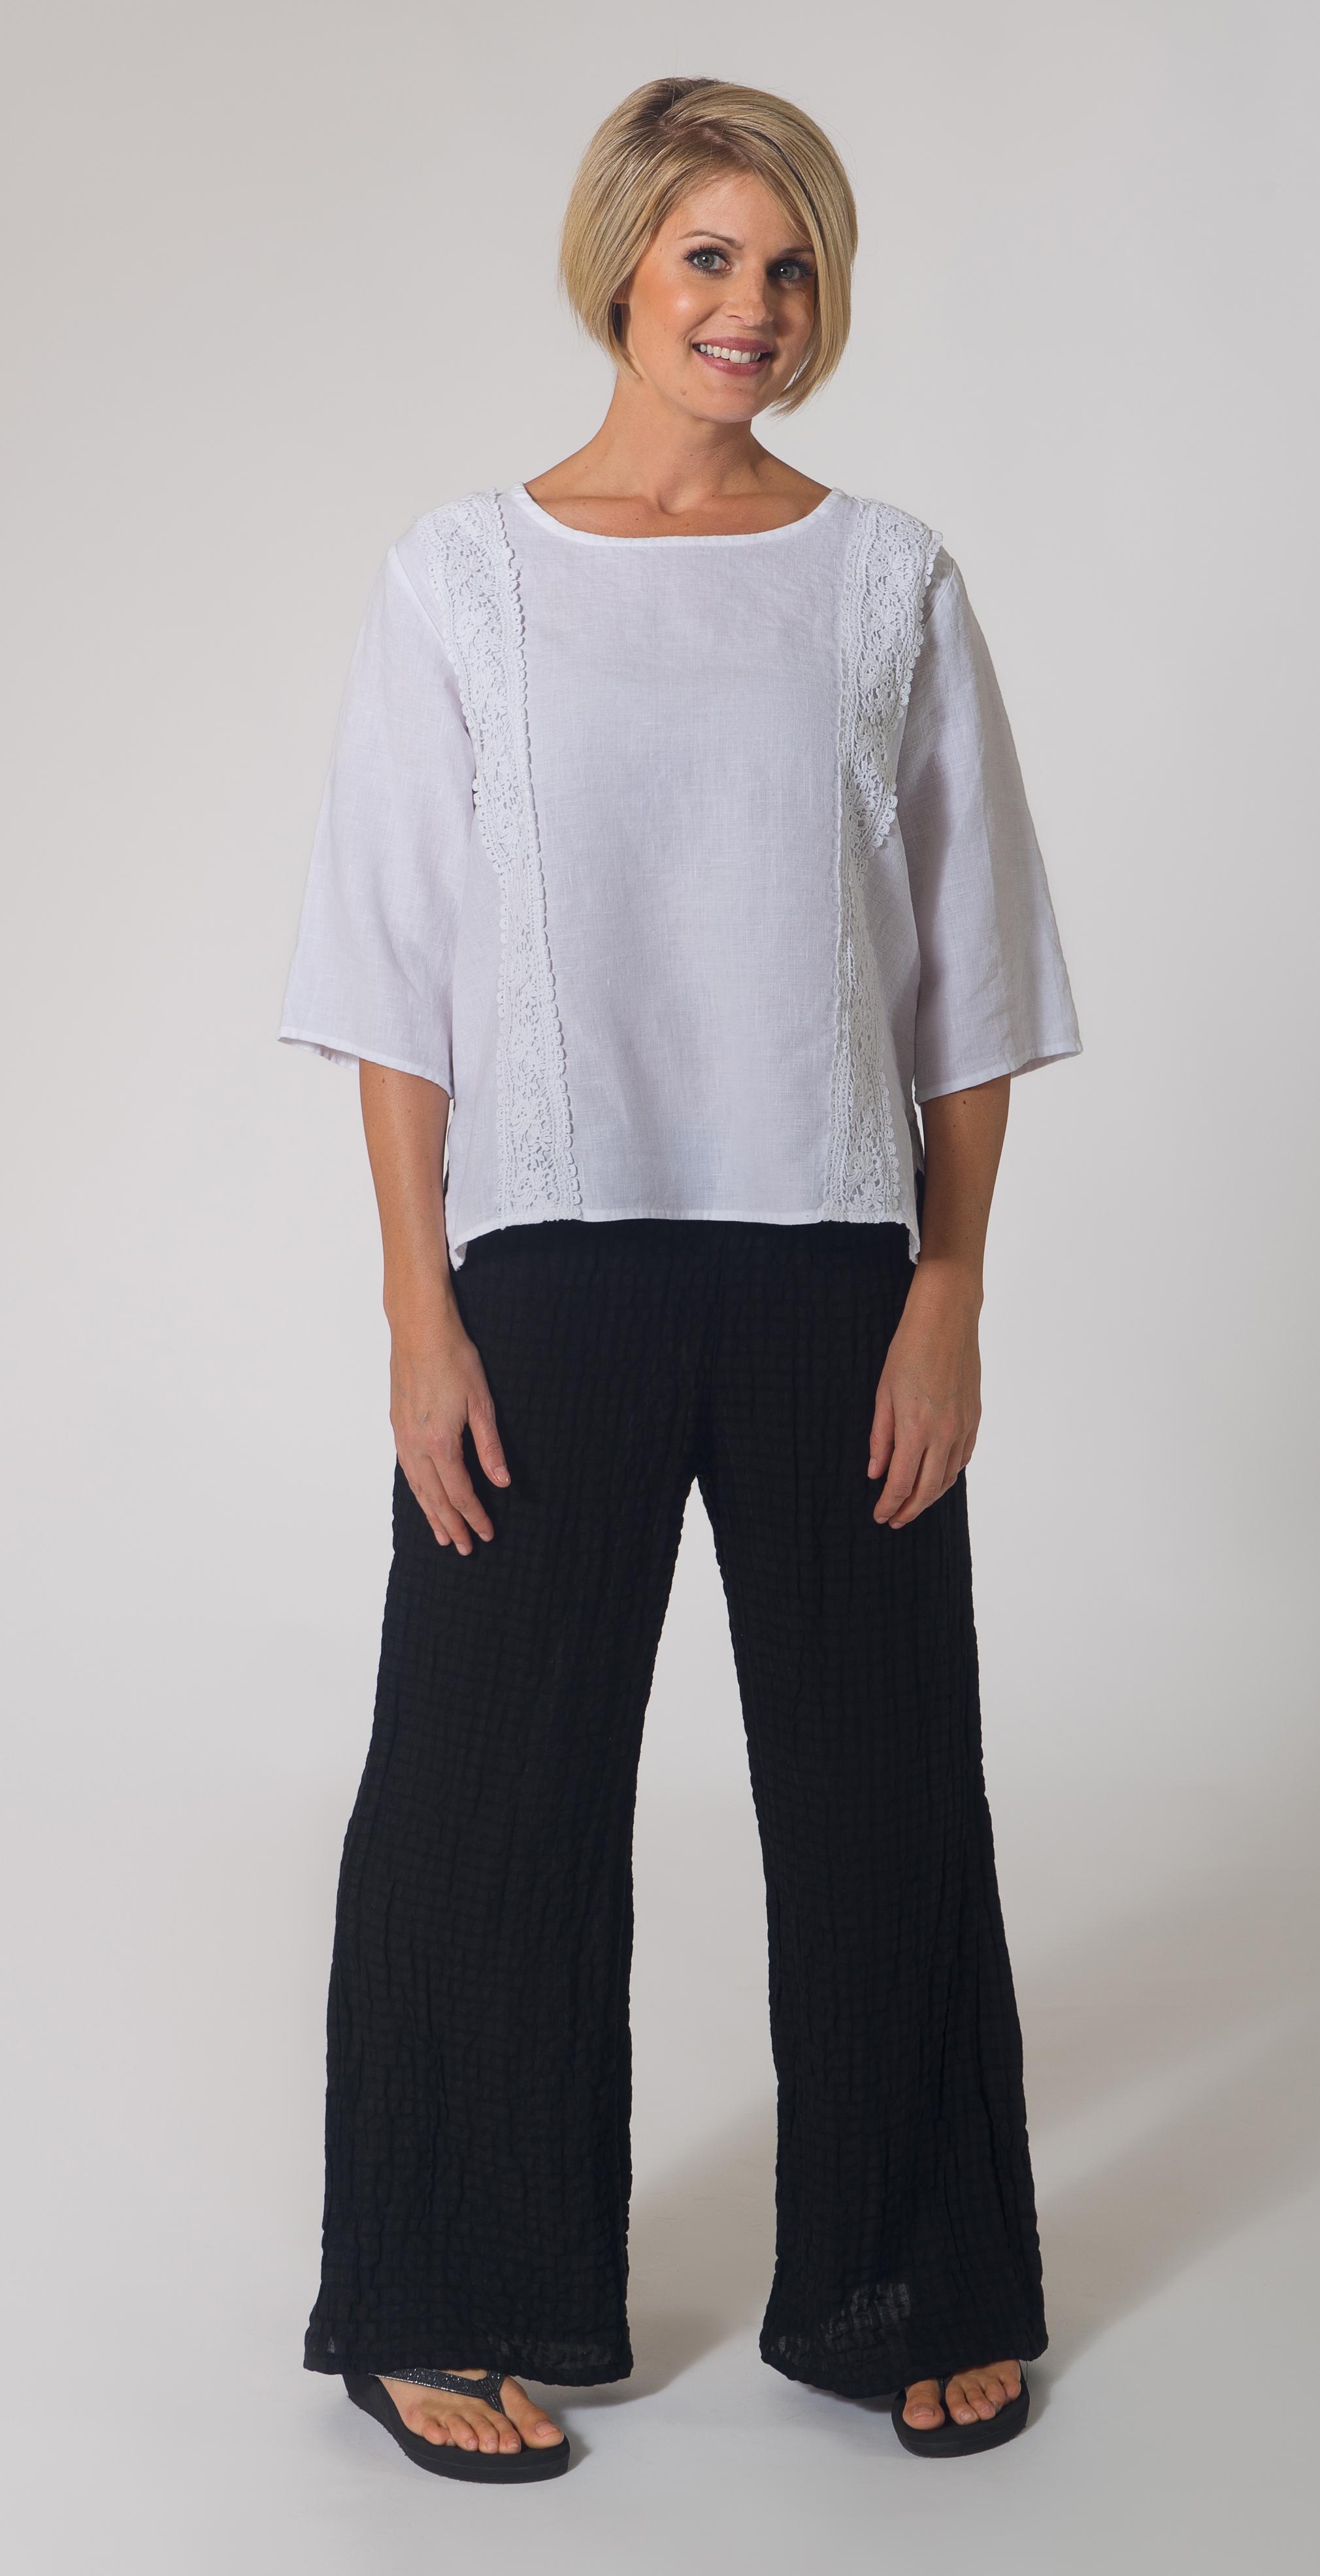 Linen & Lace Top / Seersucker Pant